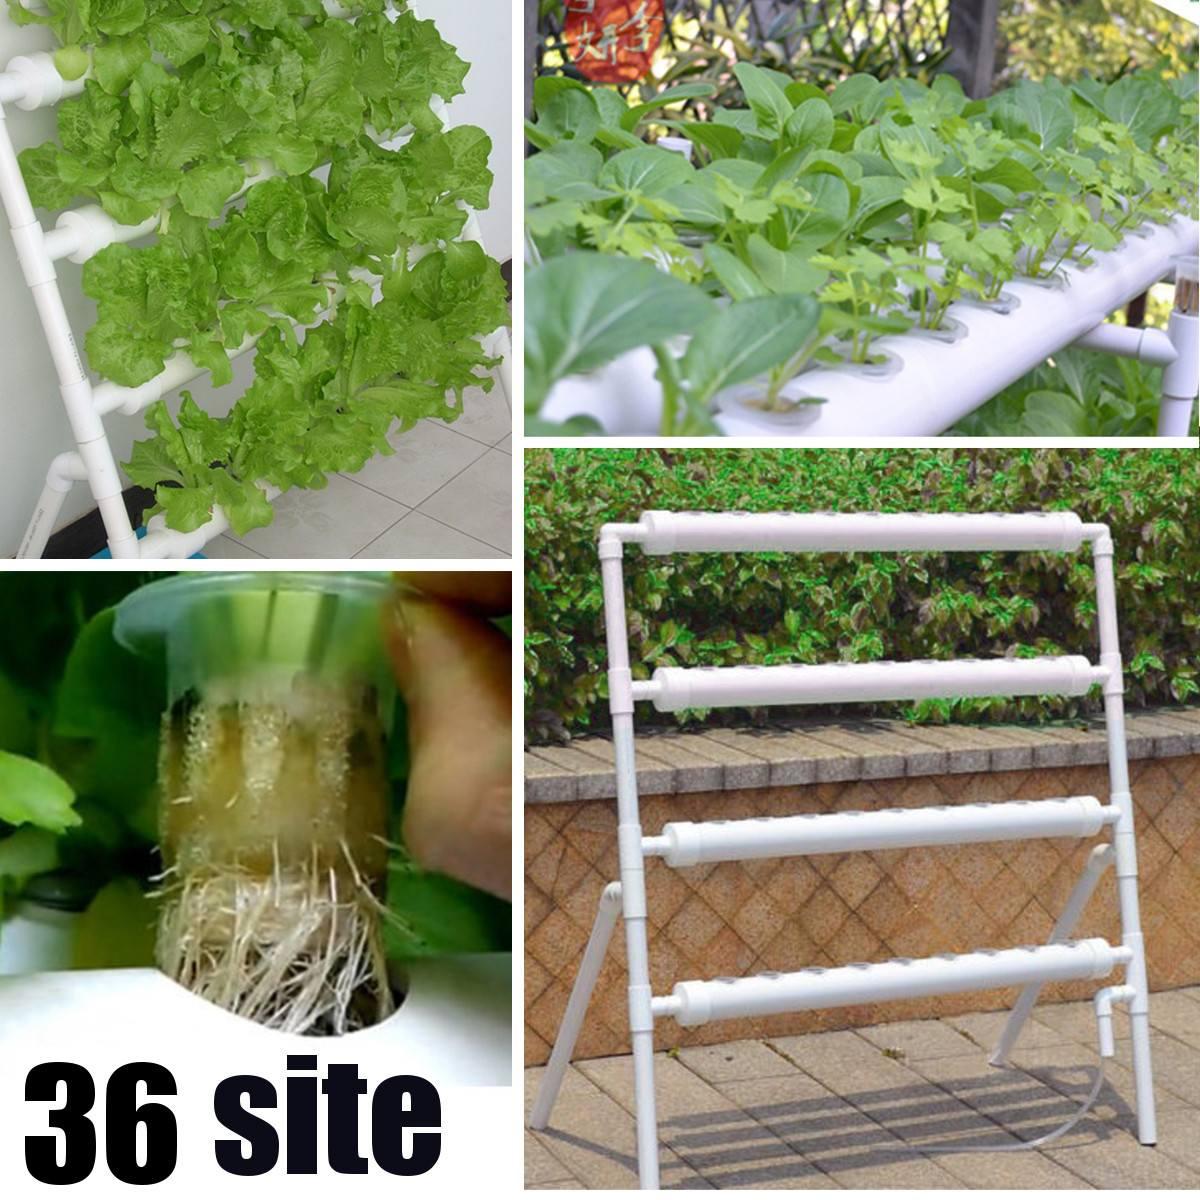 موقع الزراعة المائية عدة الزراعة 36 مواقع الزراعة حديقة نظام النبات الخضروات أداة صندوق زراعة النباتات بدون تربة تنمو مجموعات